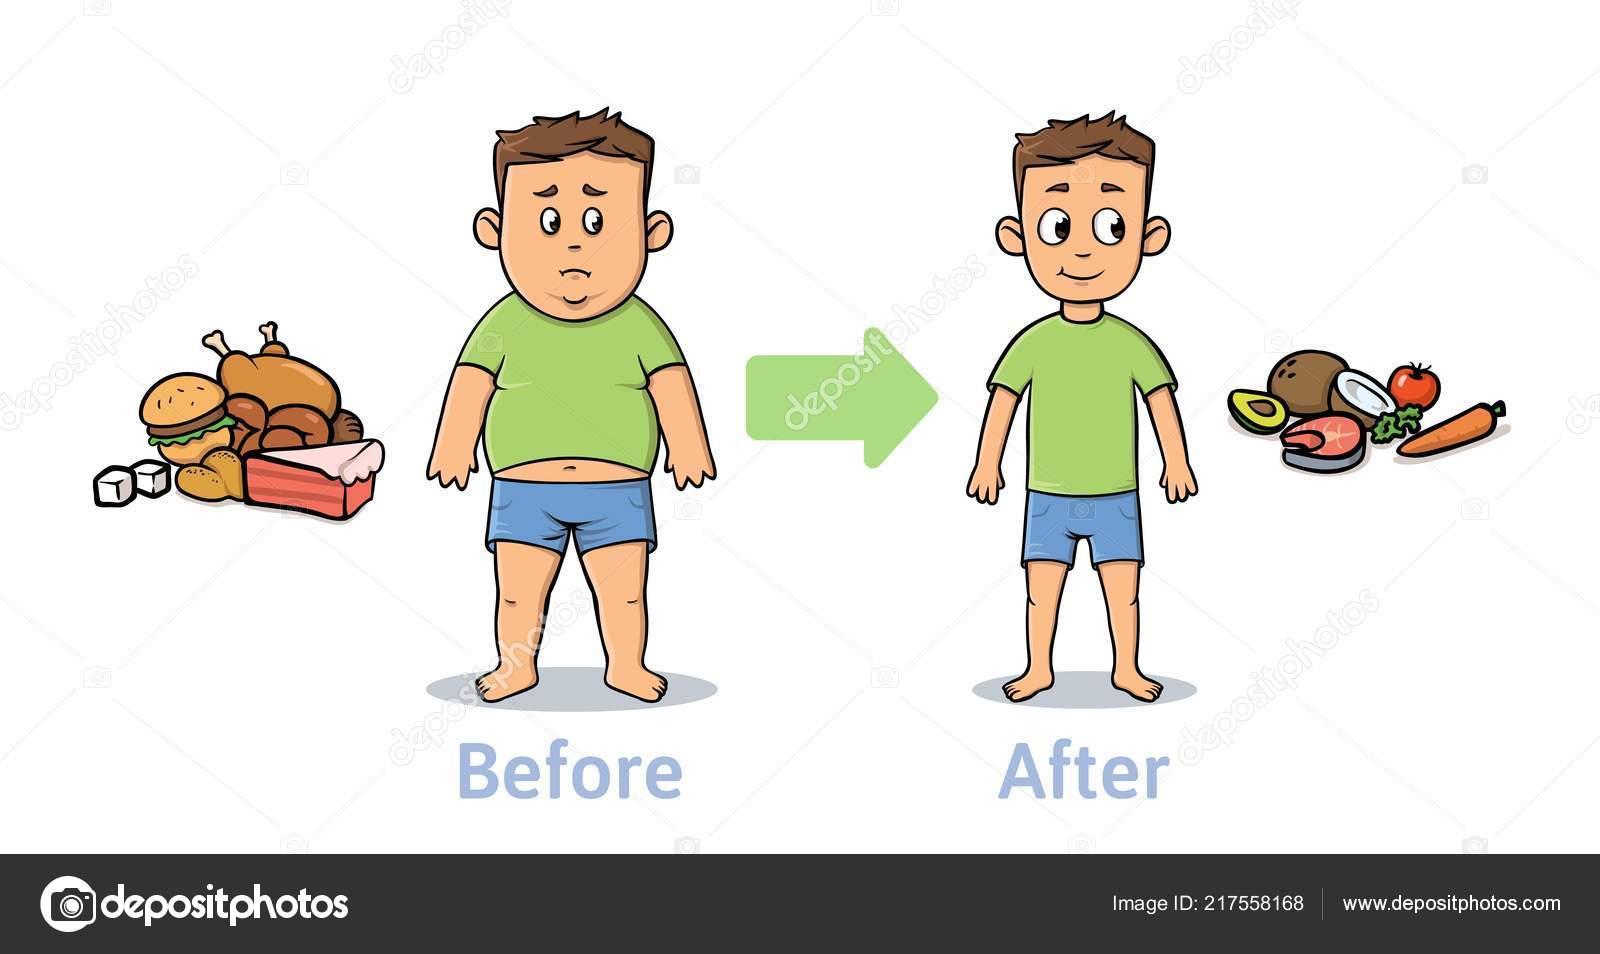 Pattanások ellen egészséges étrend